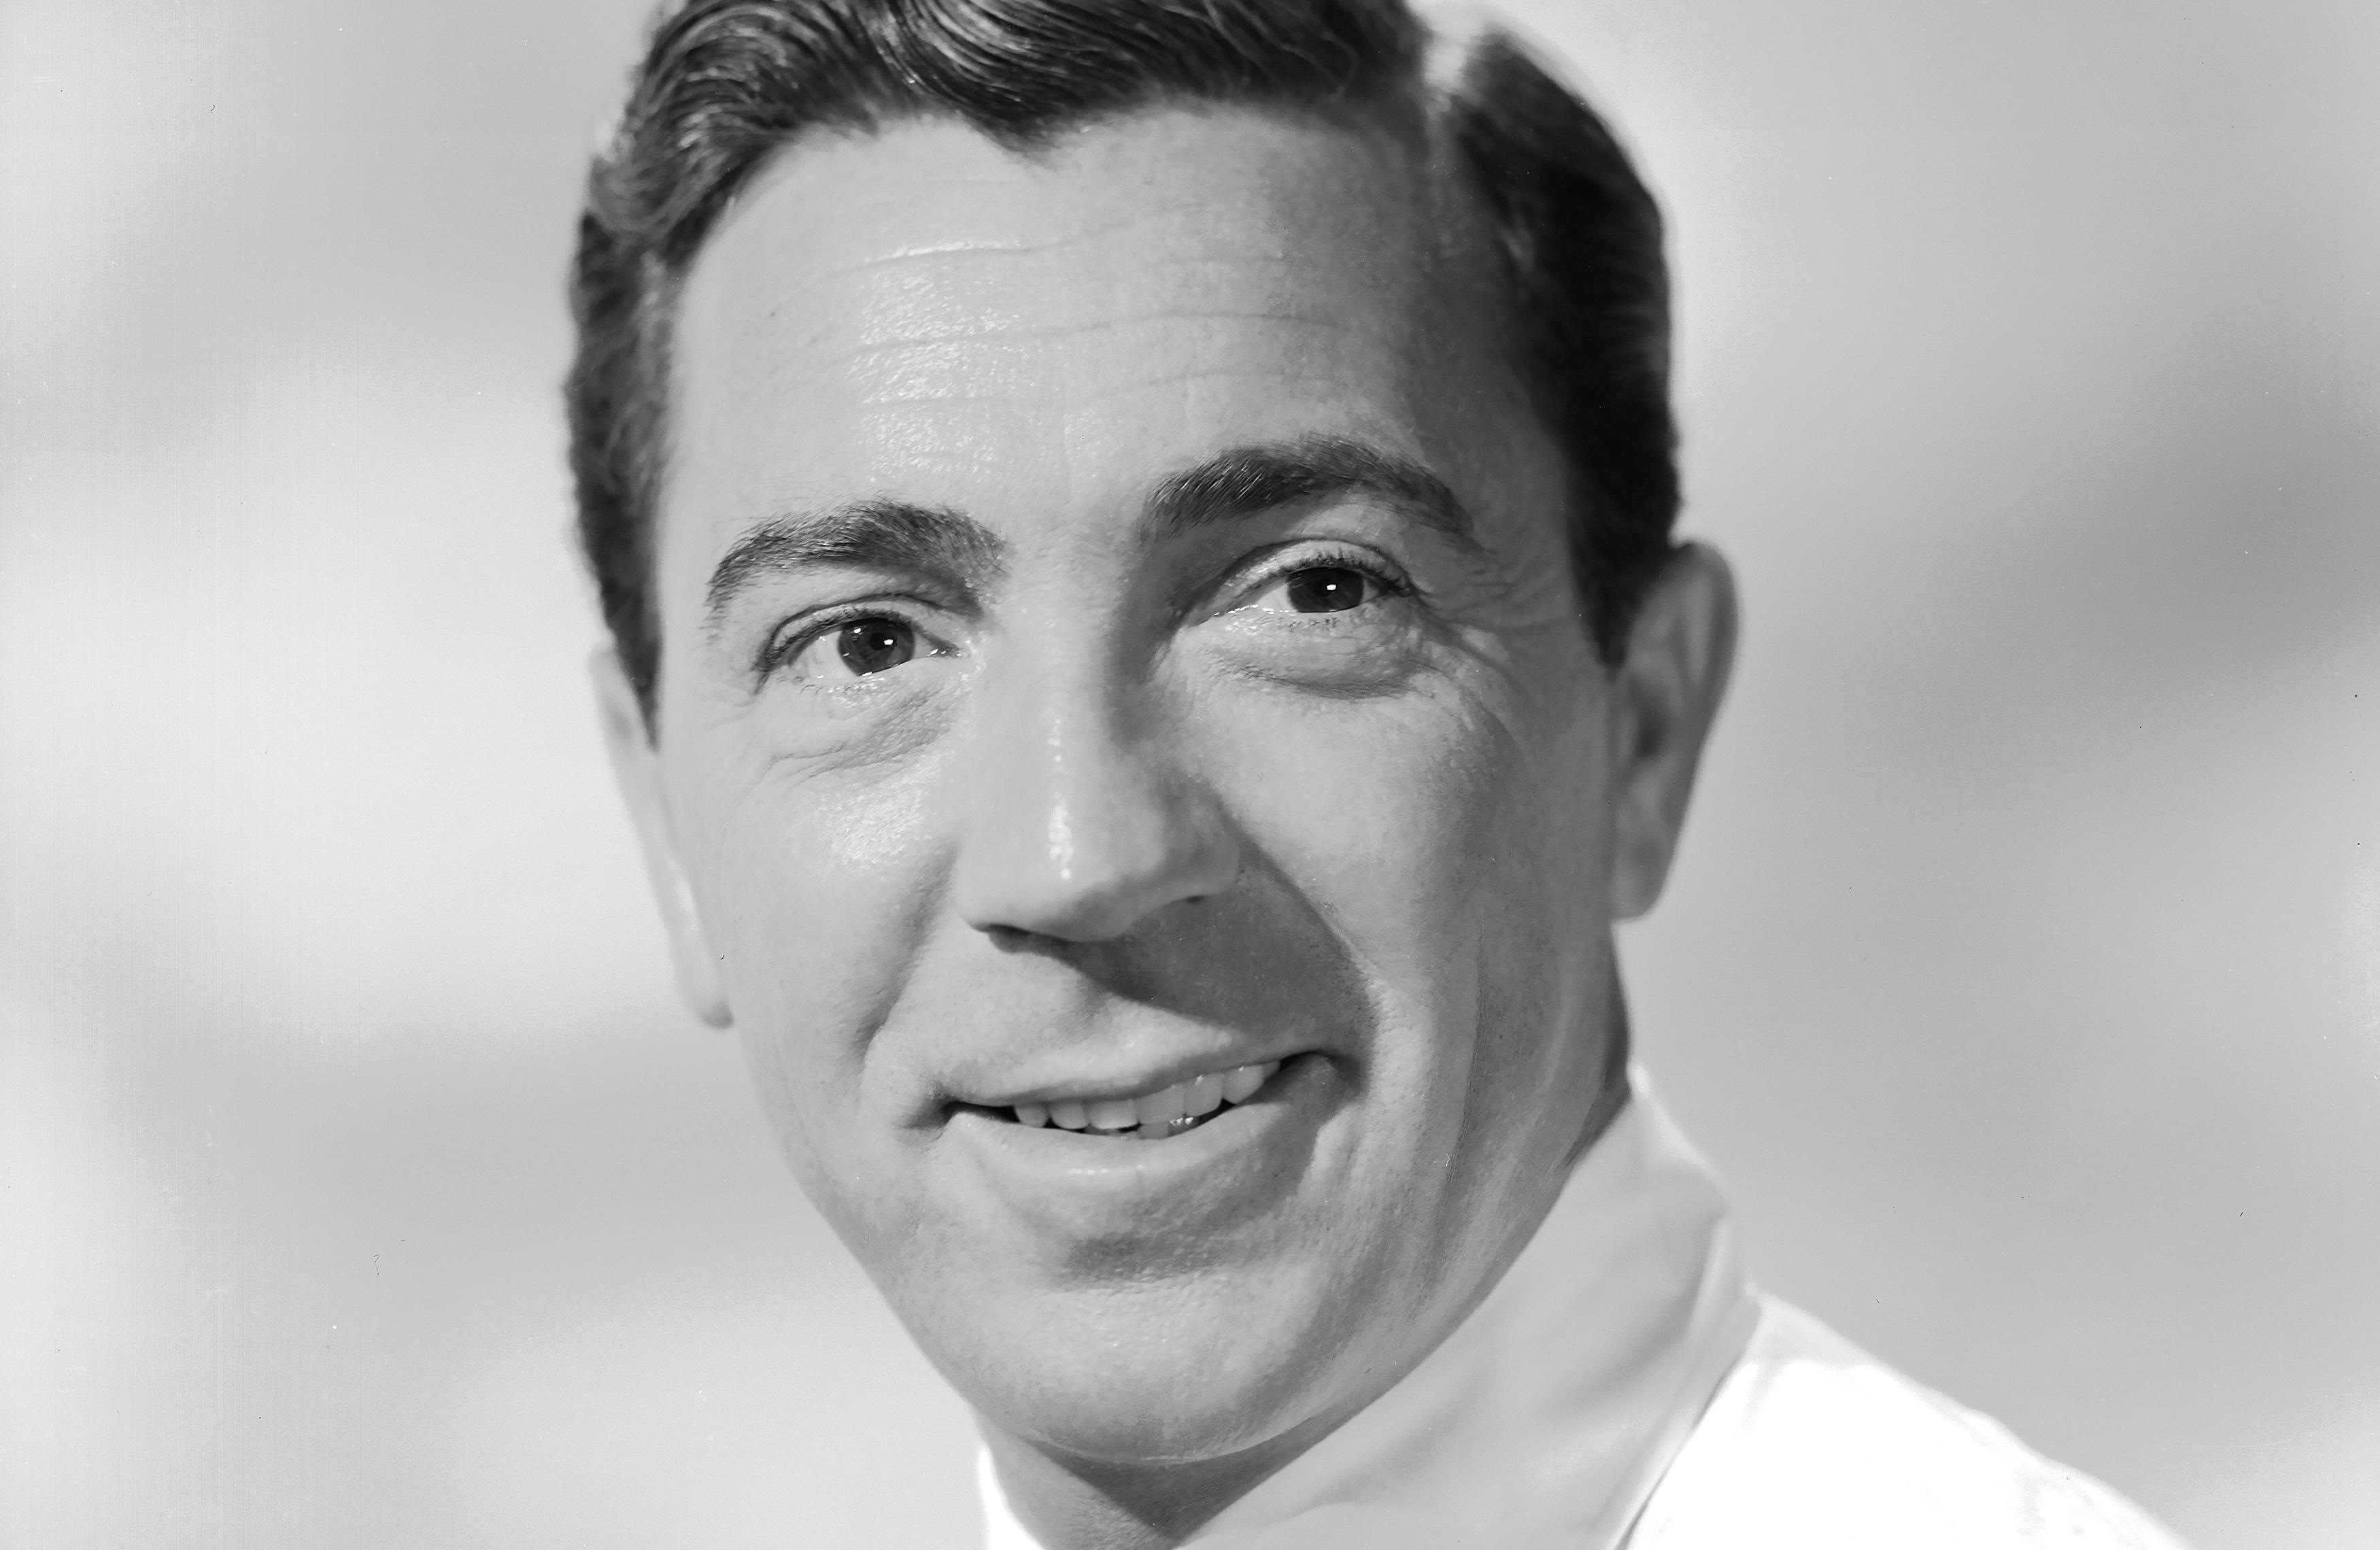 Tom D'andrea